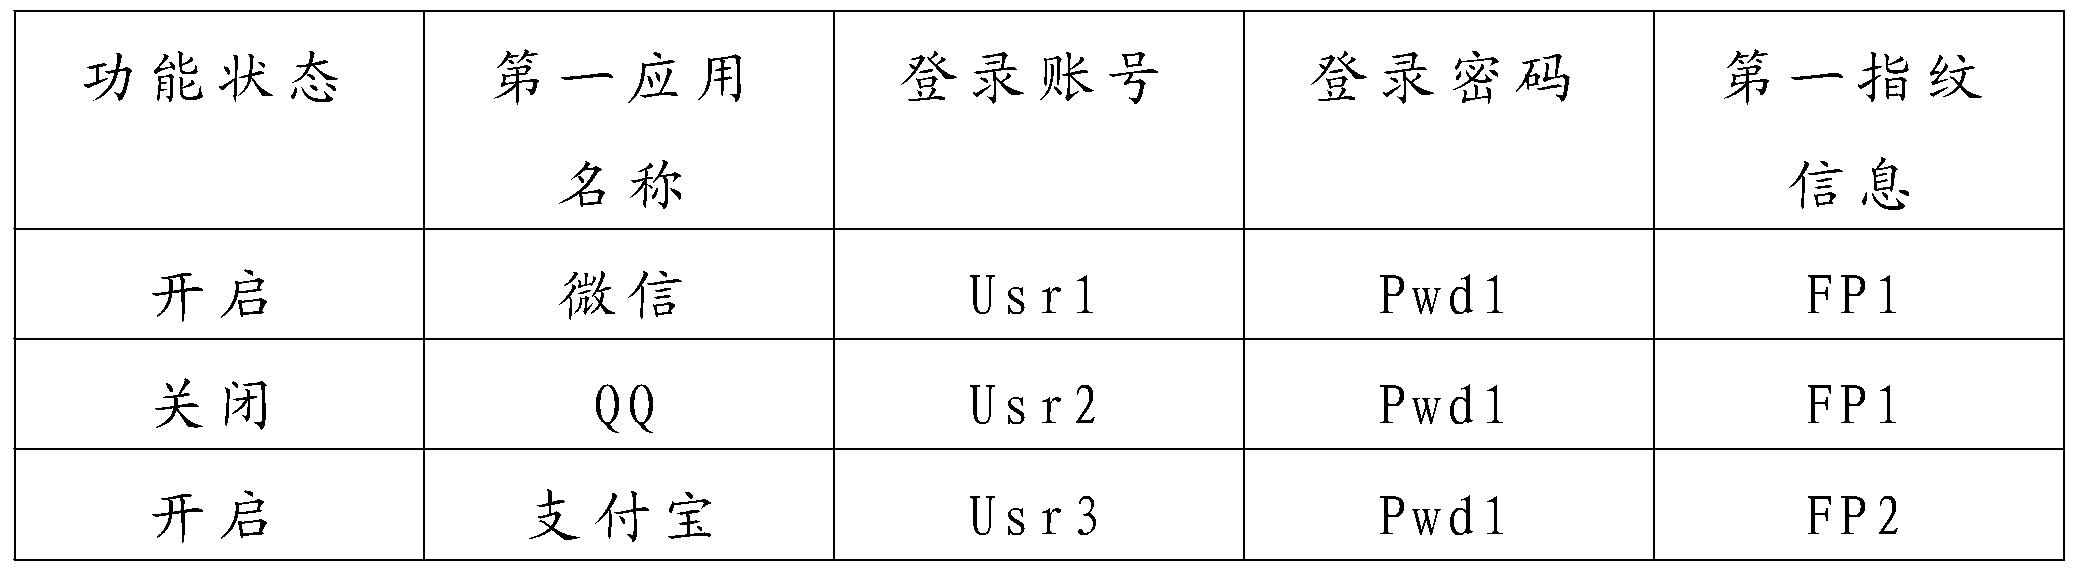 Figure PCTCN2015073095-appb-000001